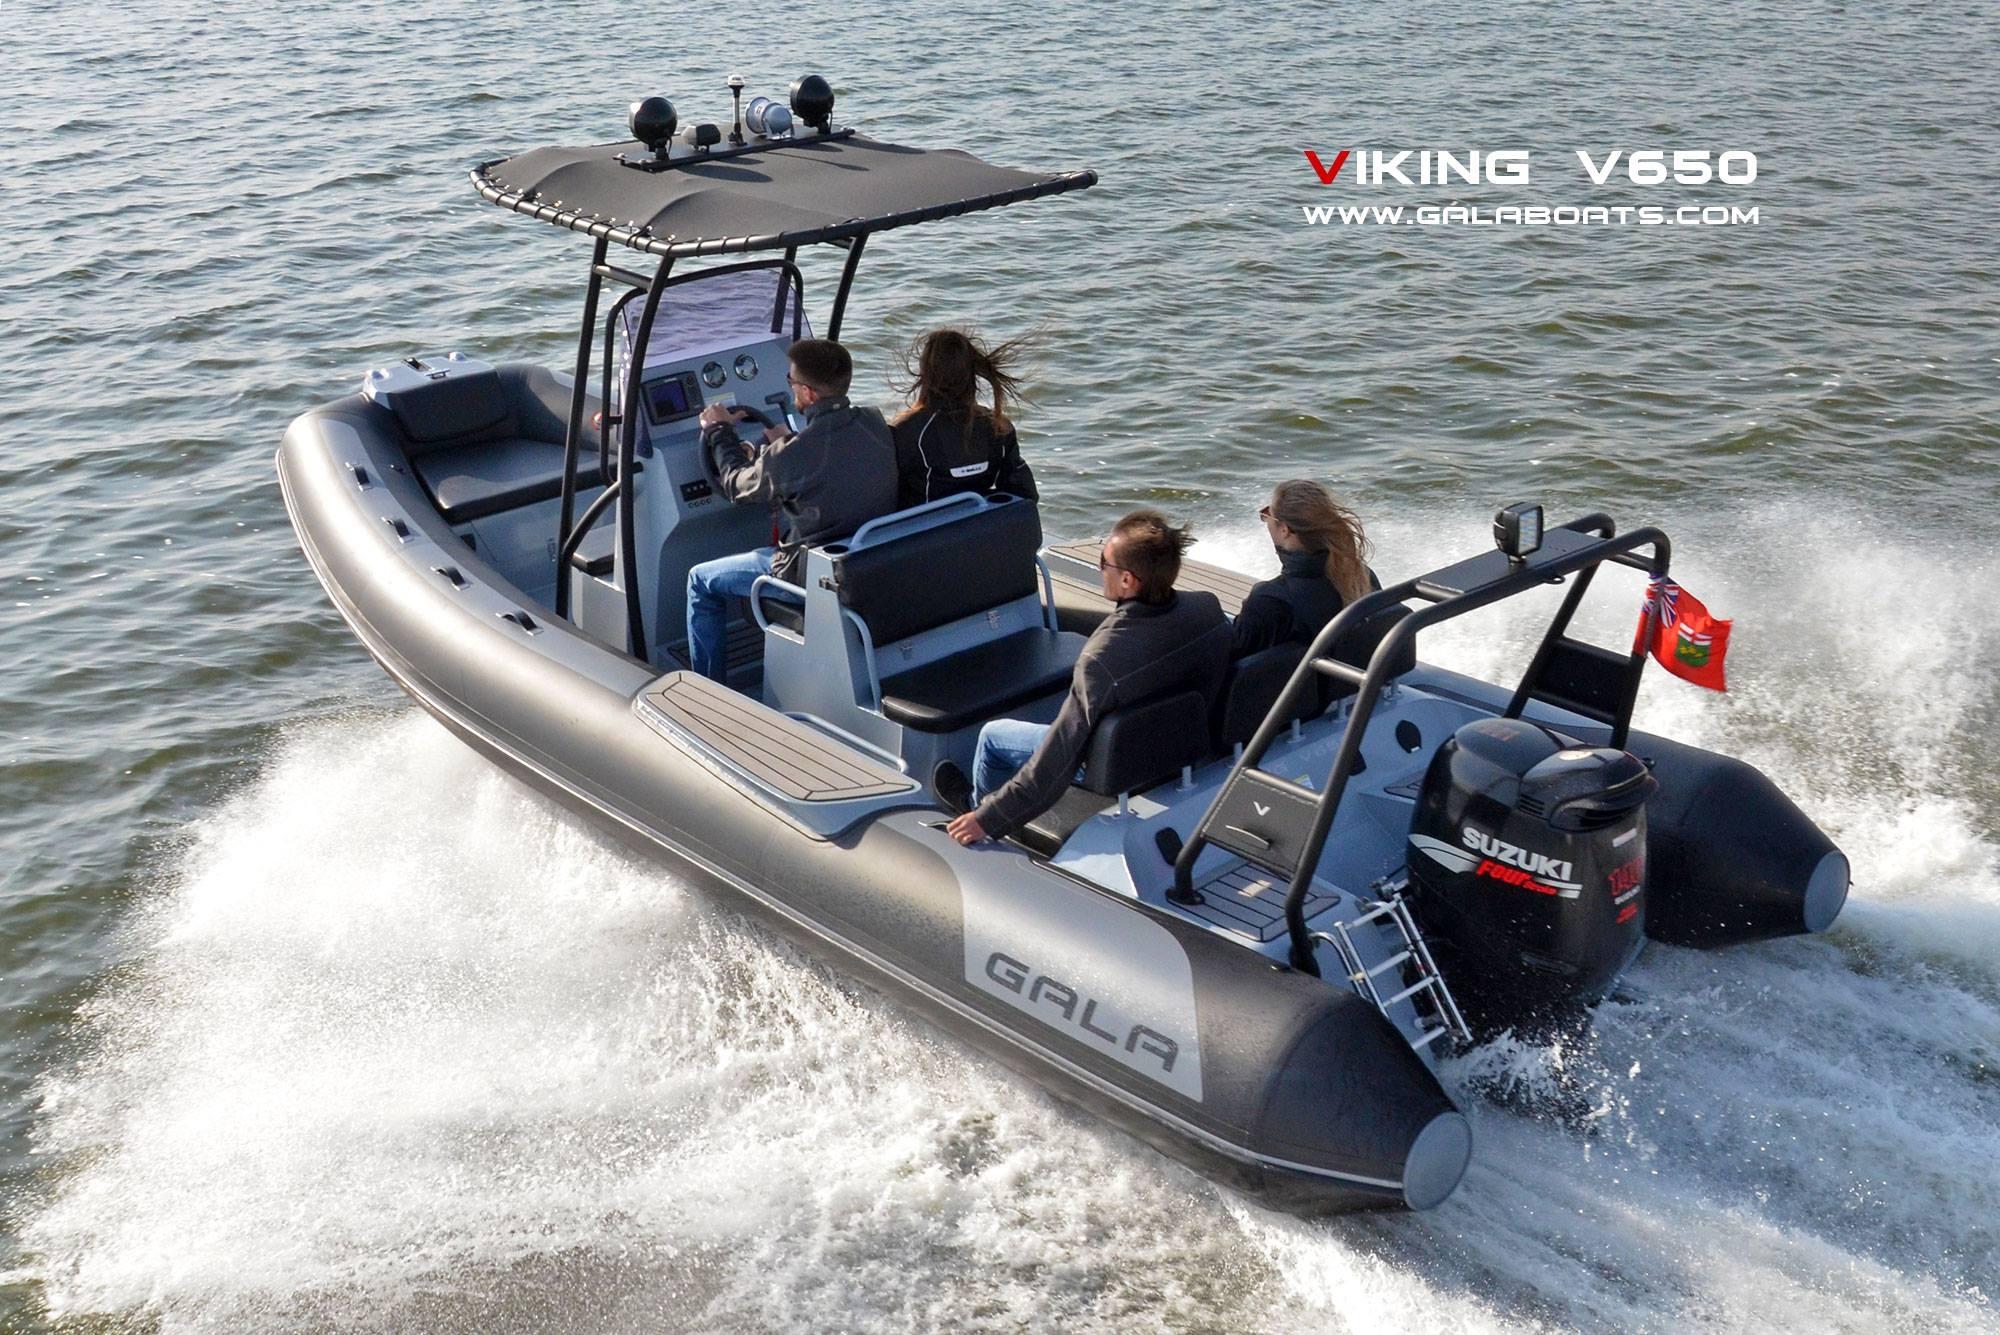 Viking V650-74779